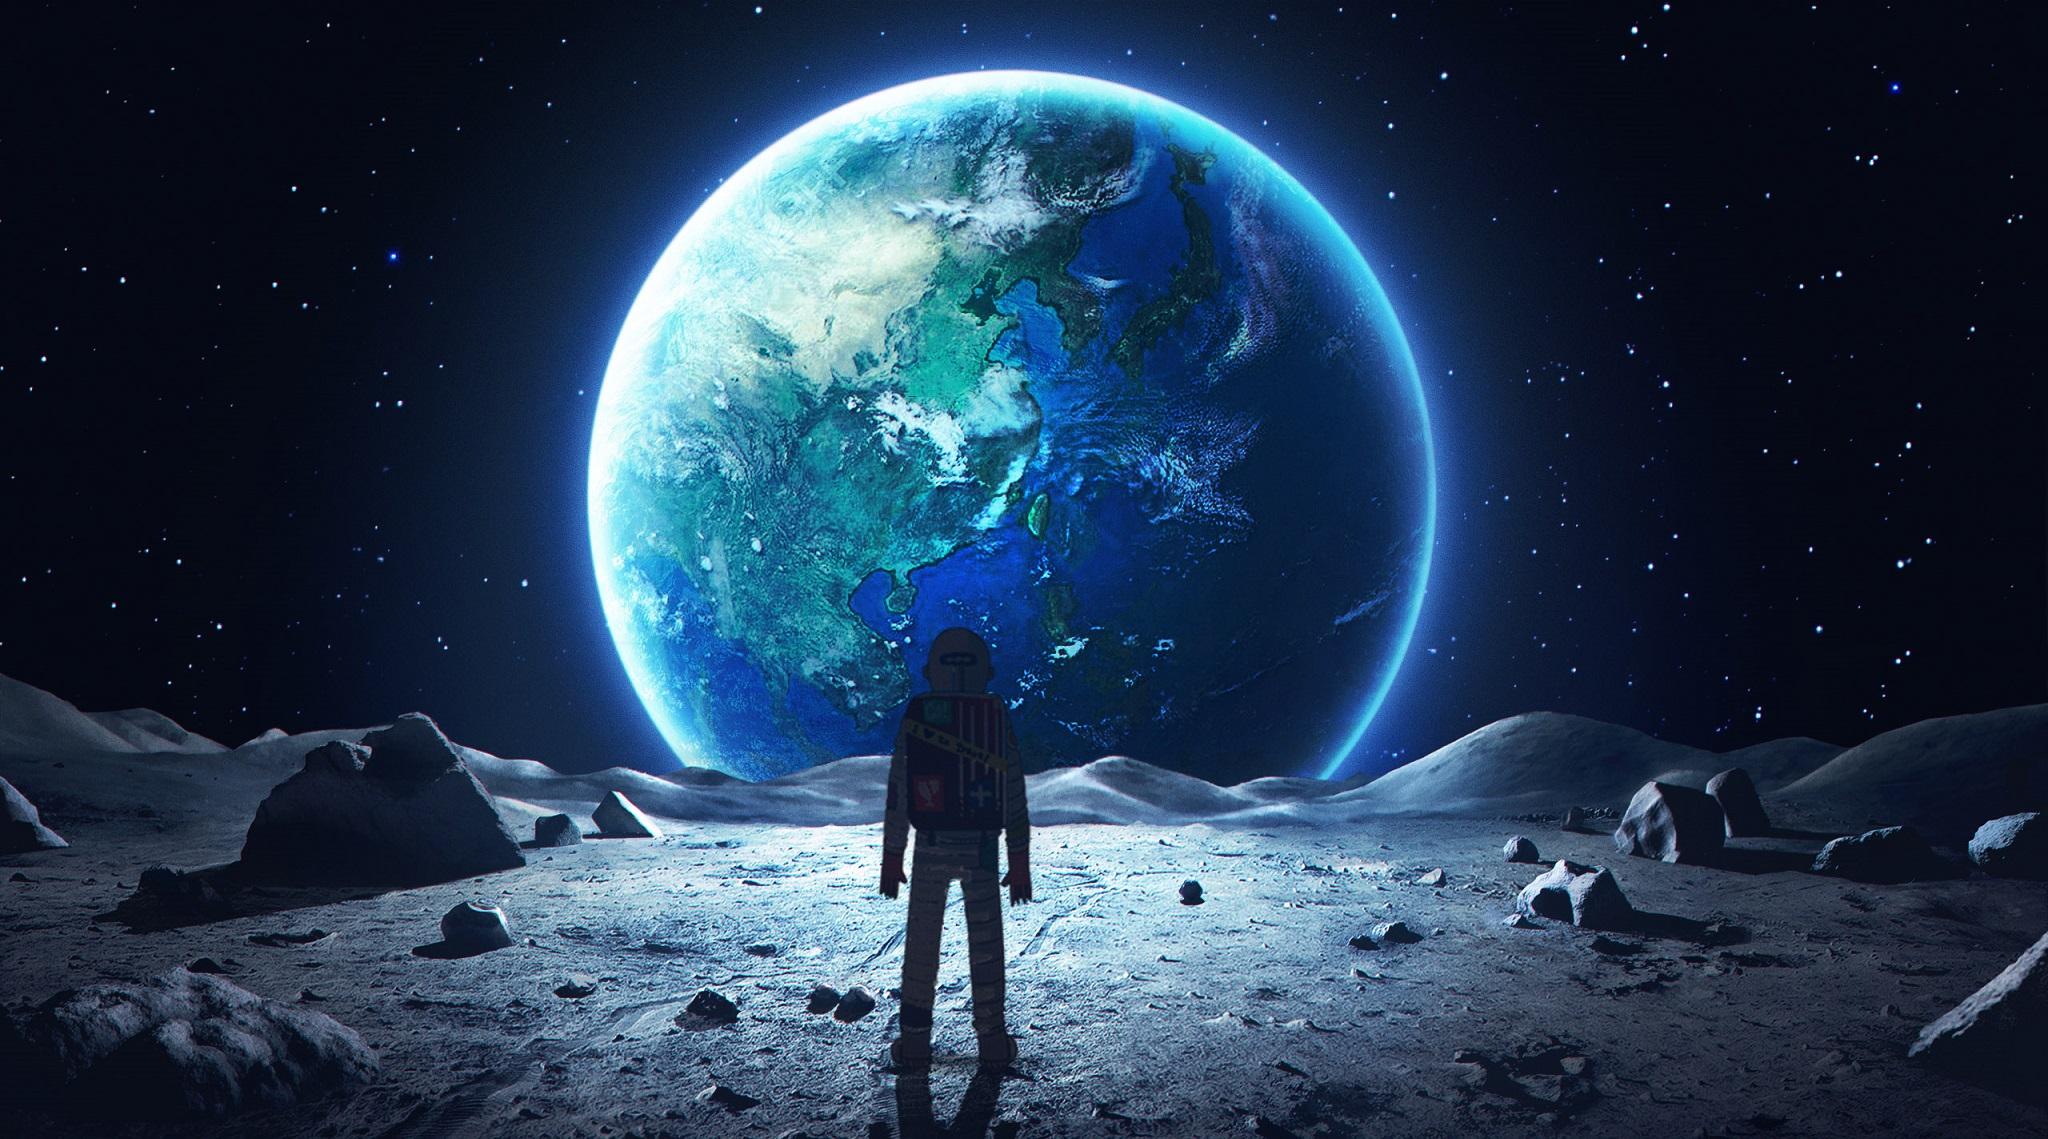 金馬得主徐漢強VR新作《星際大騙局 之 登月計畫》奇幻影展世界首映